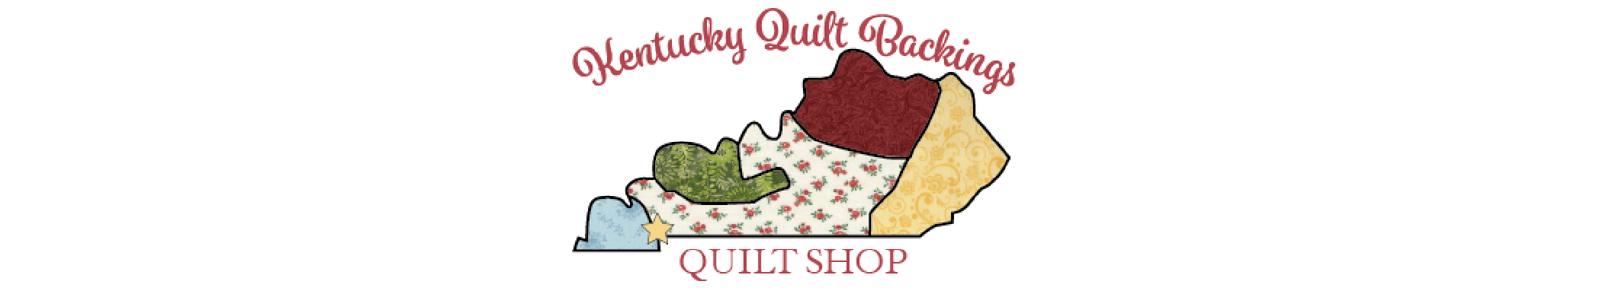 Kentucky Quilt Backings